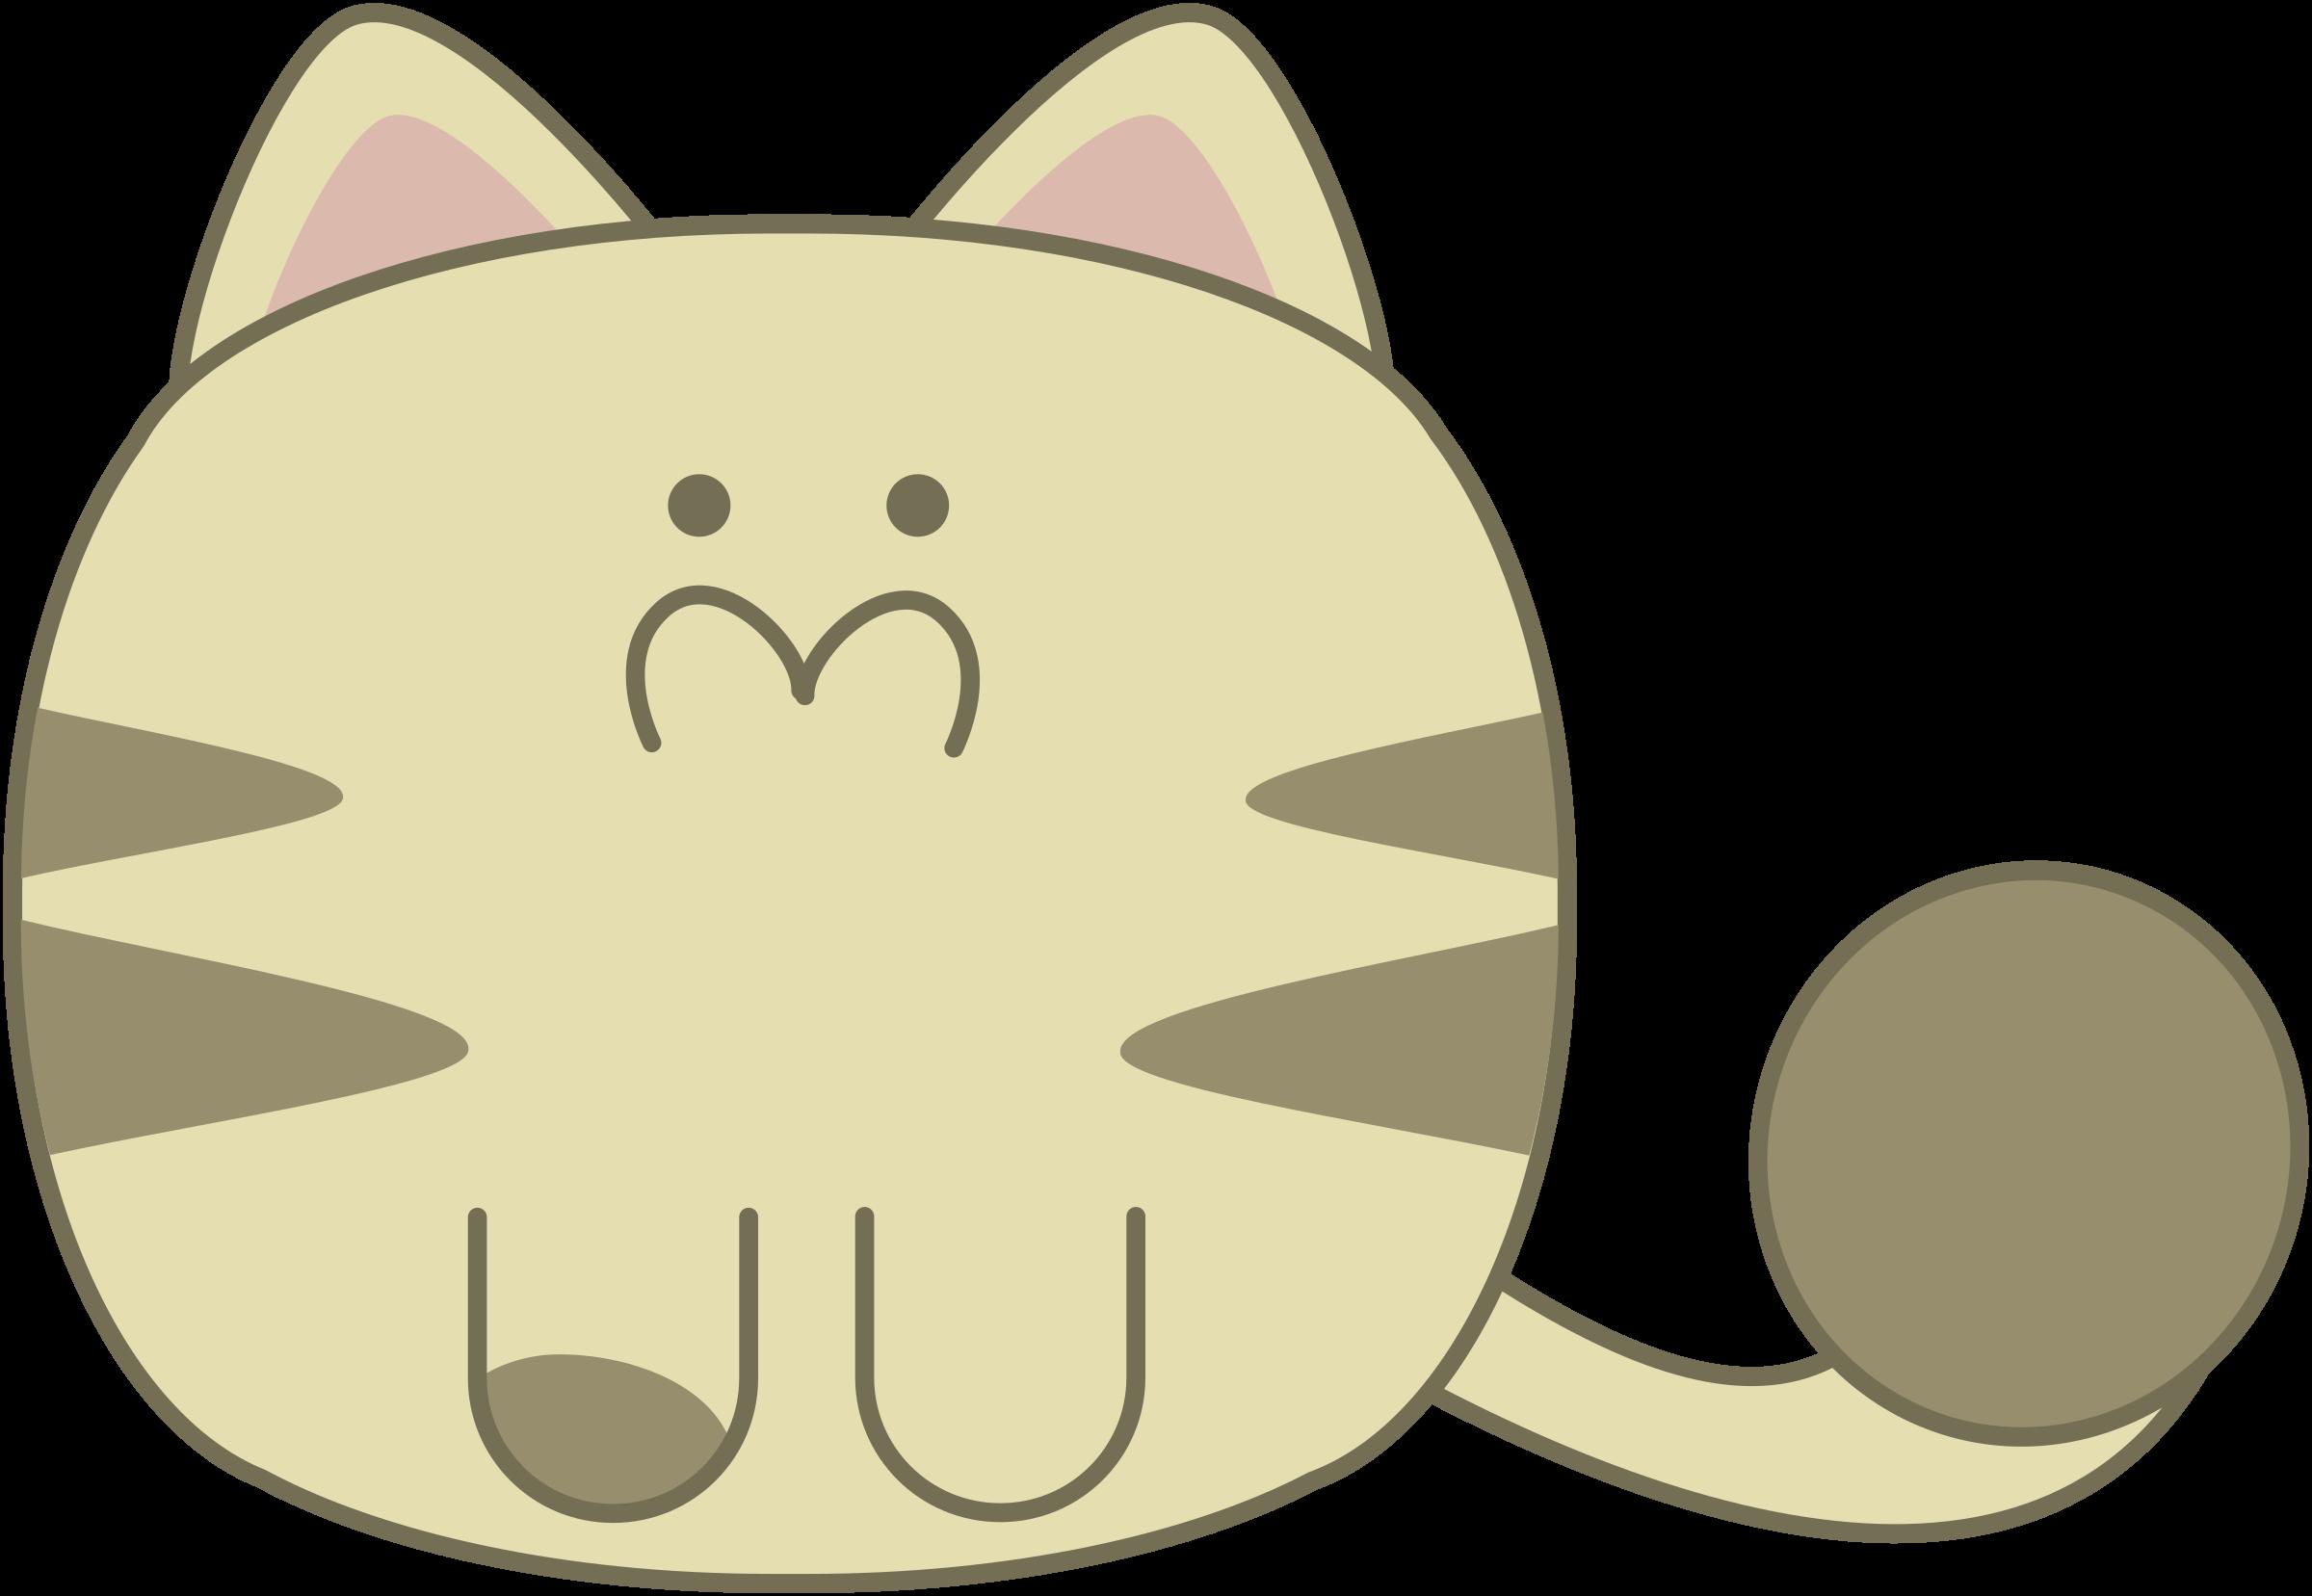 Big image png. Cute clipart cat